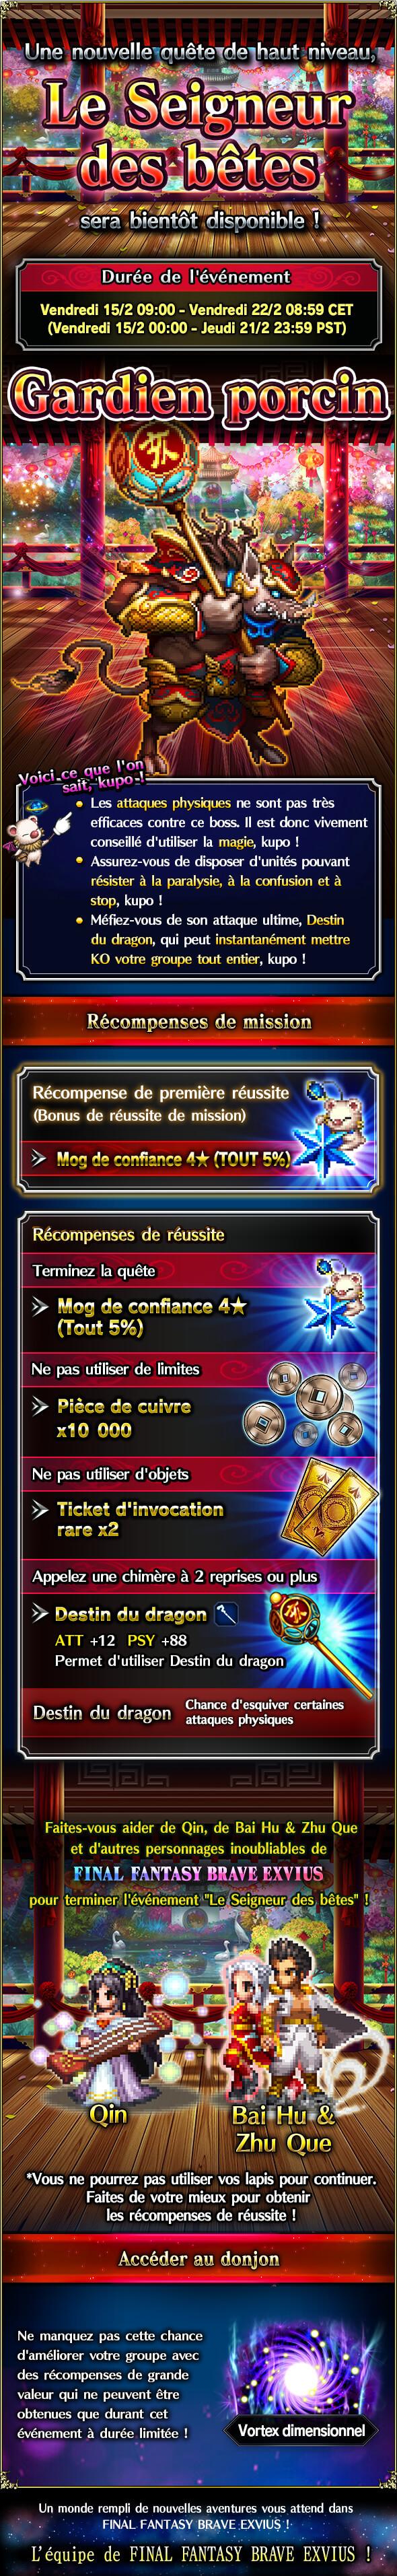 Trial Event LNY - Le Seigneur des bêtes - du 15/02 au 22/02/19 CNYTrialBoss